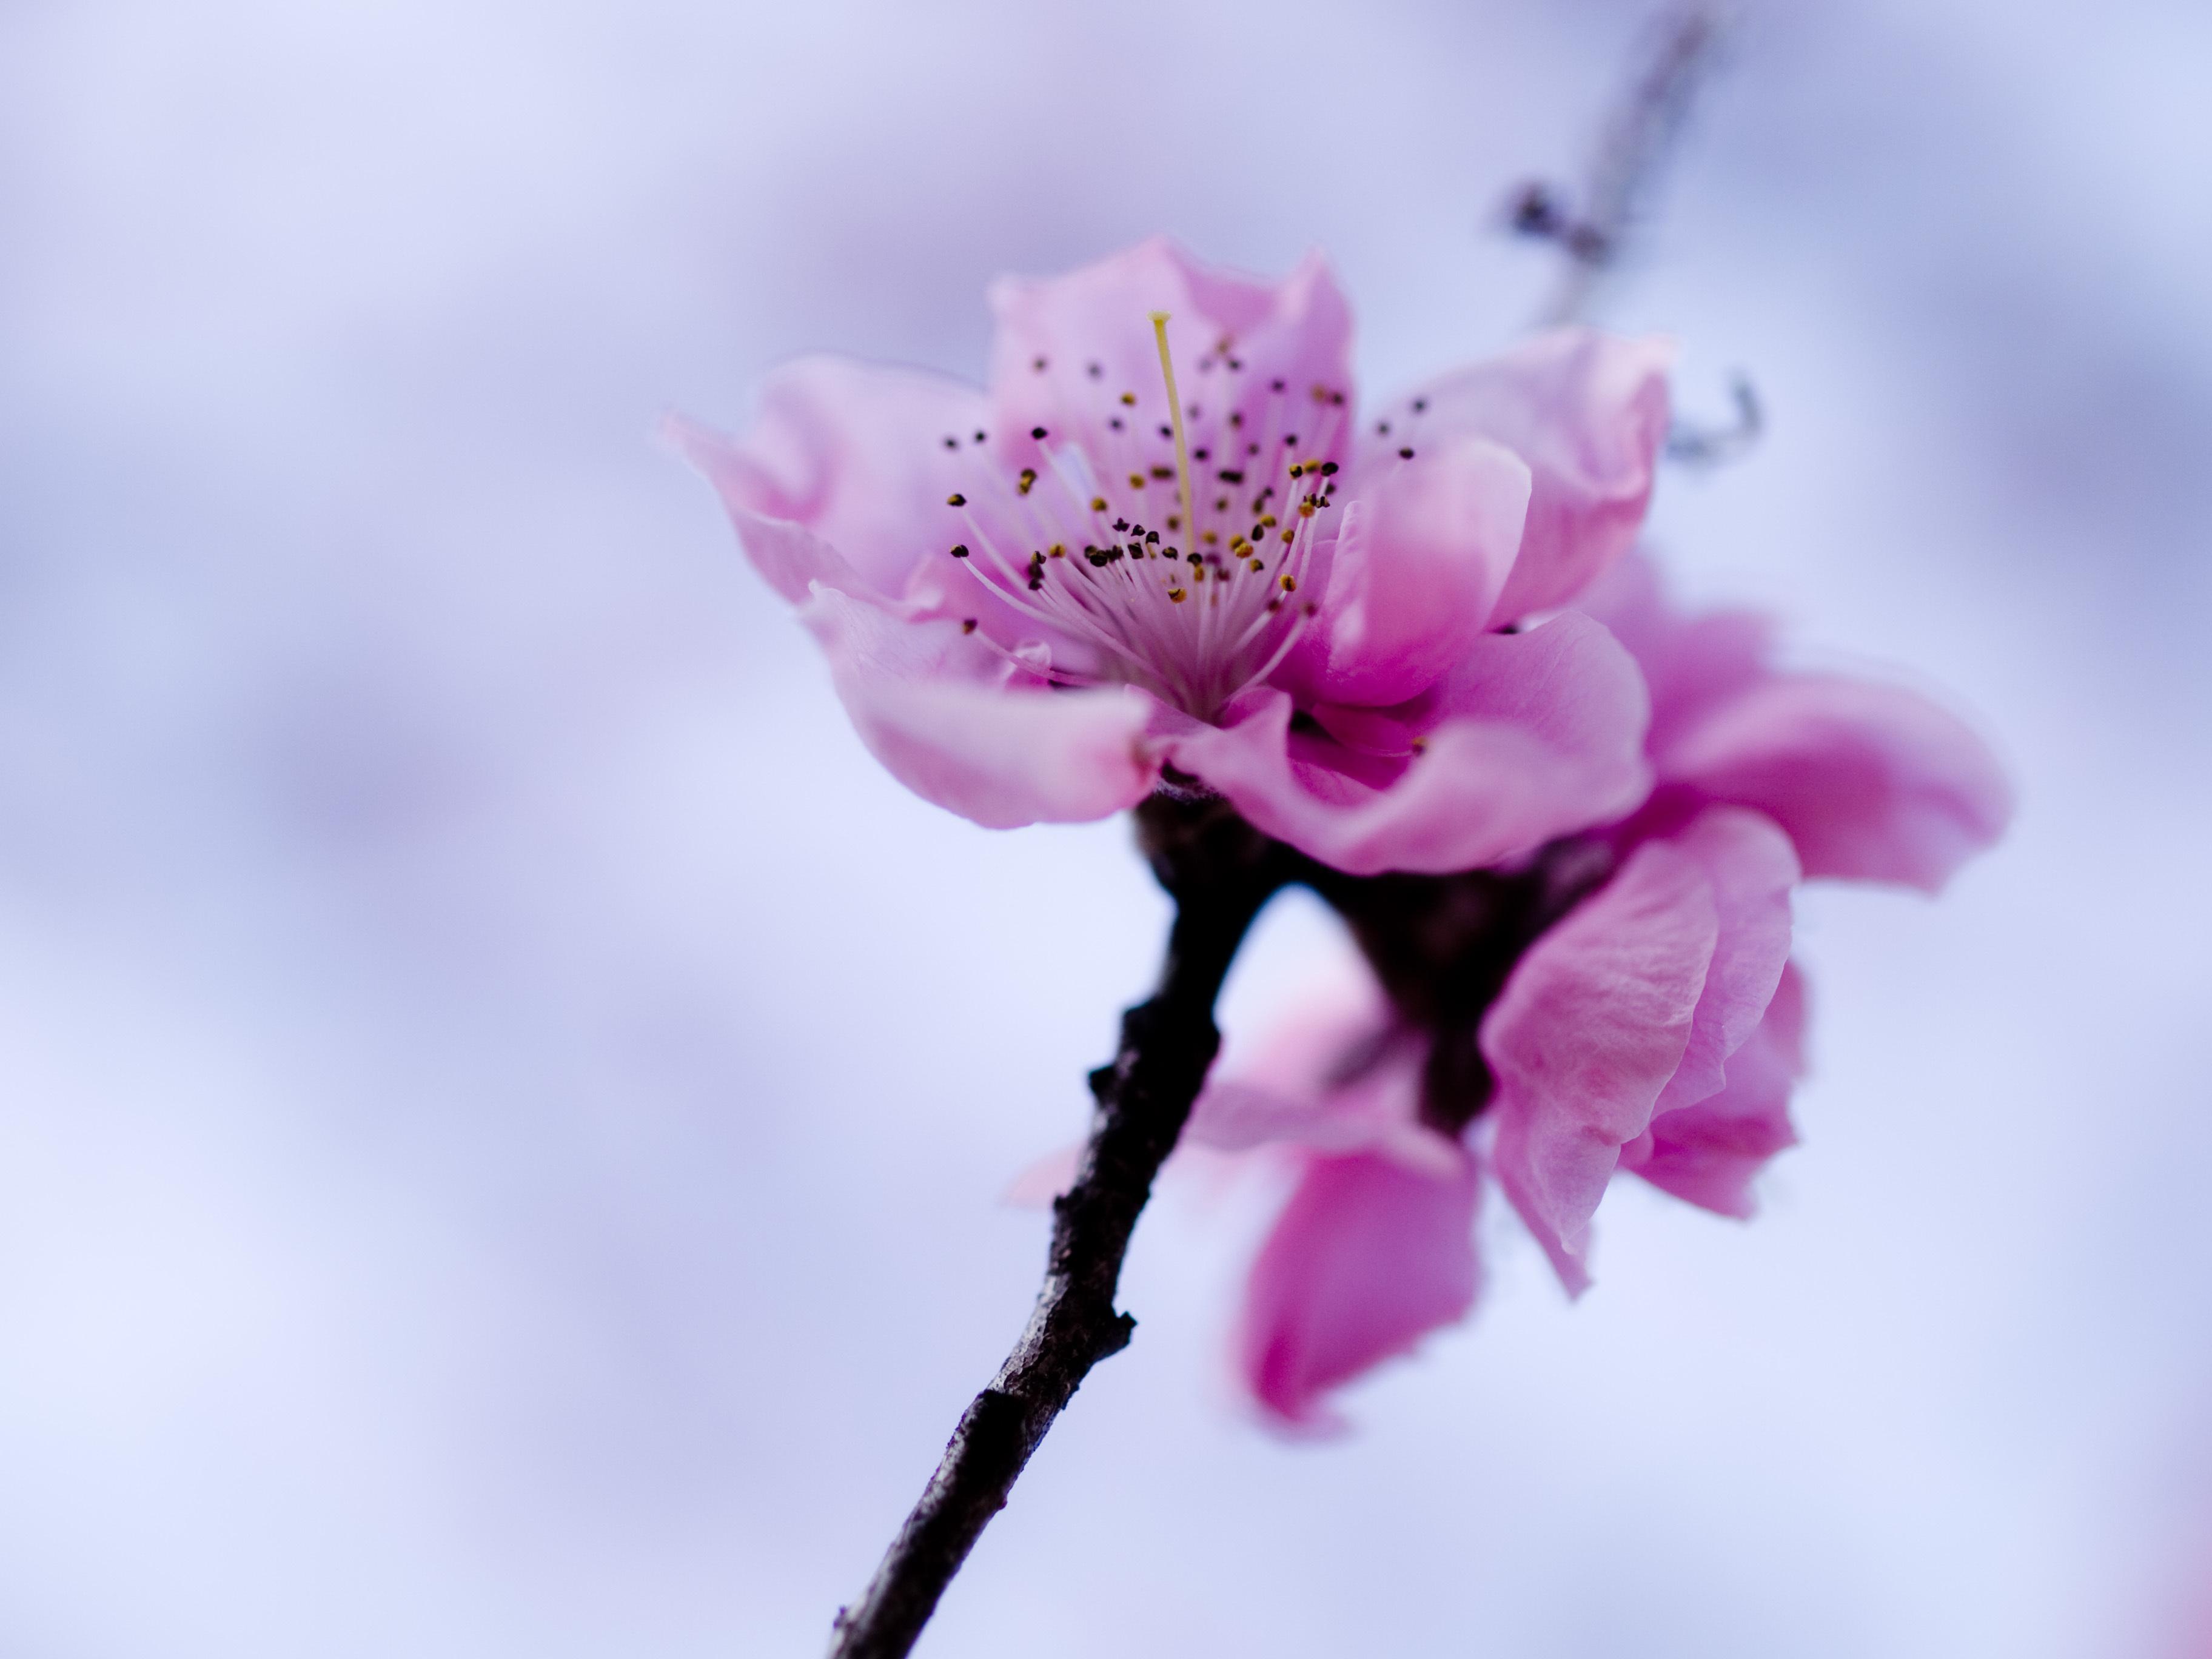 Цветы ветка бесплатно